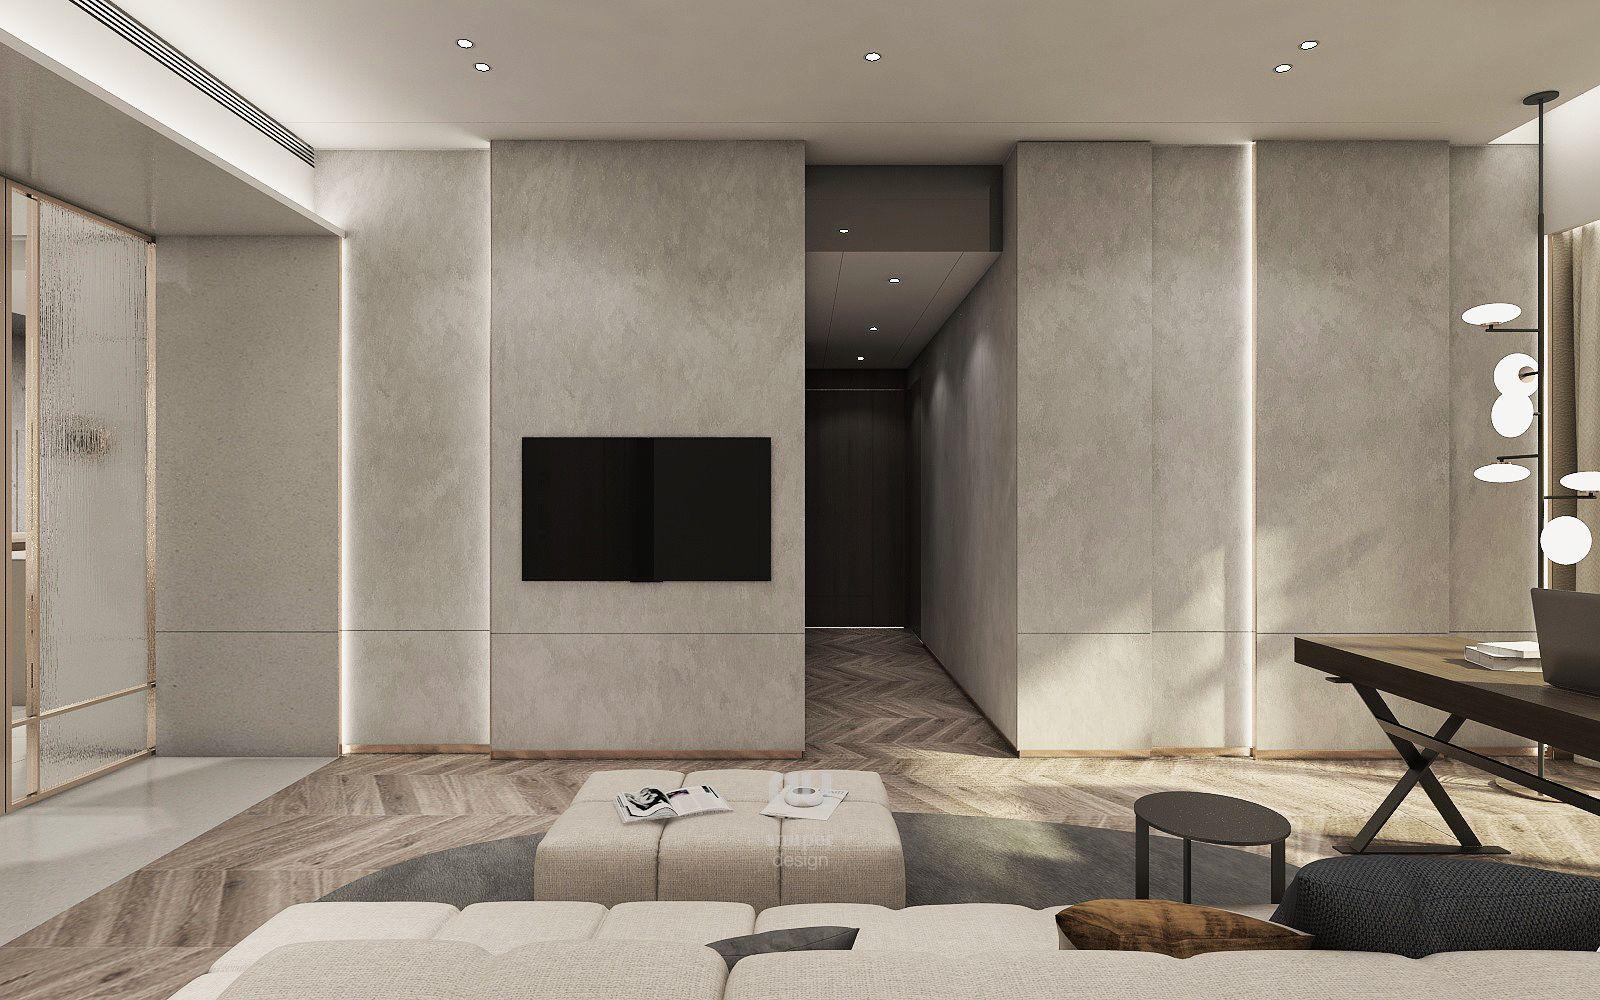 台中豪宅設計-起居室